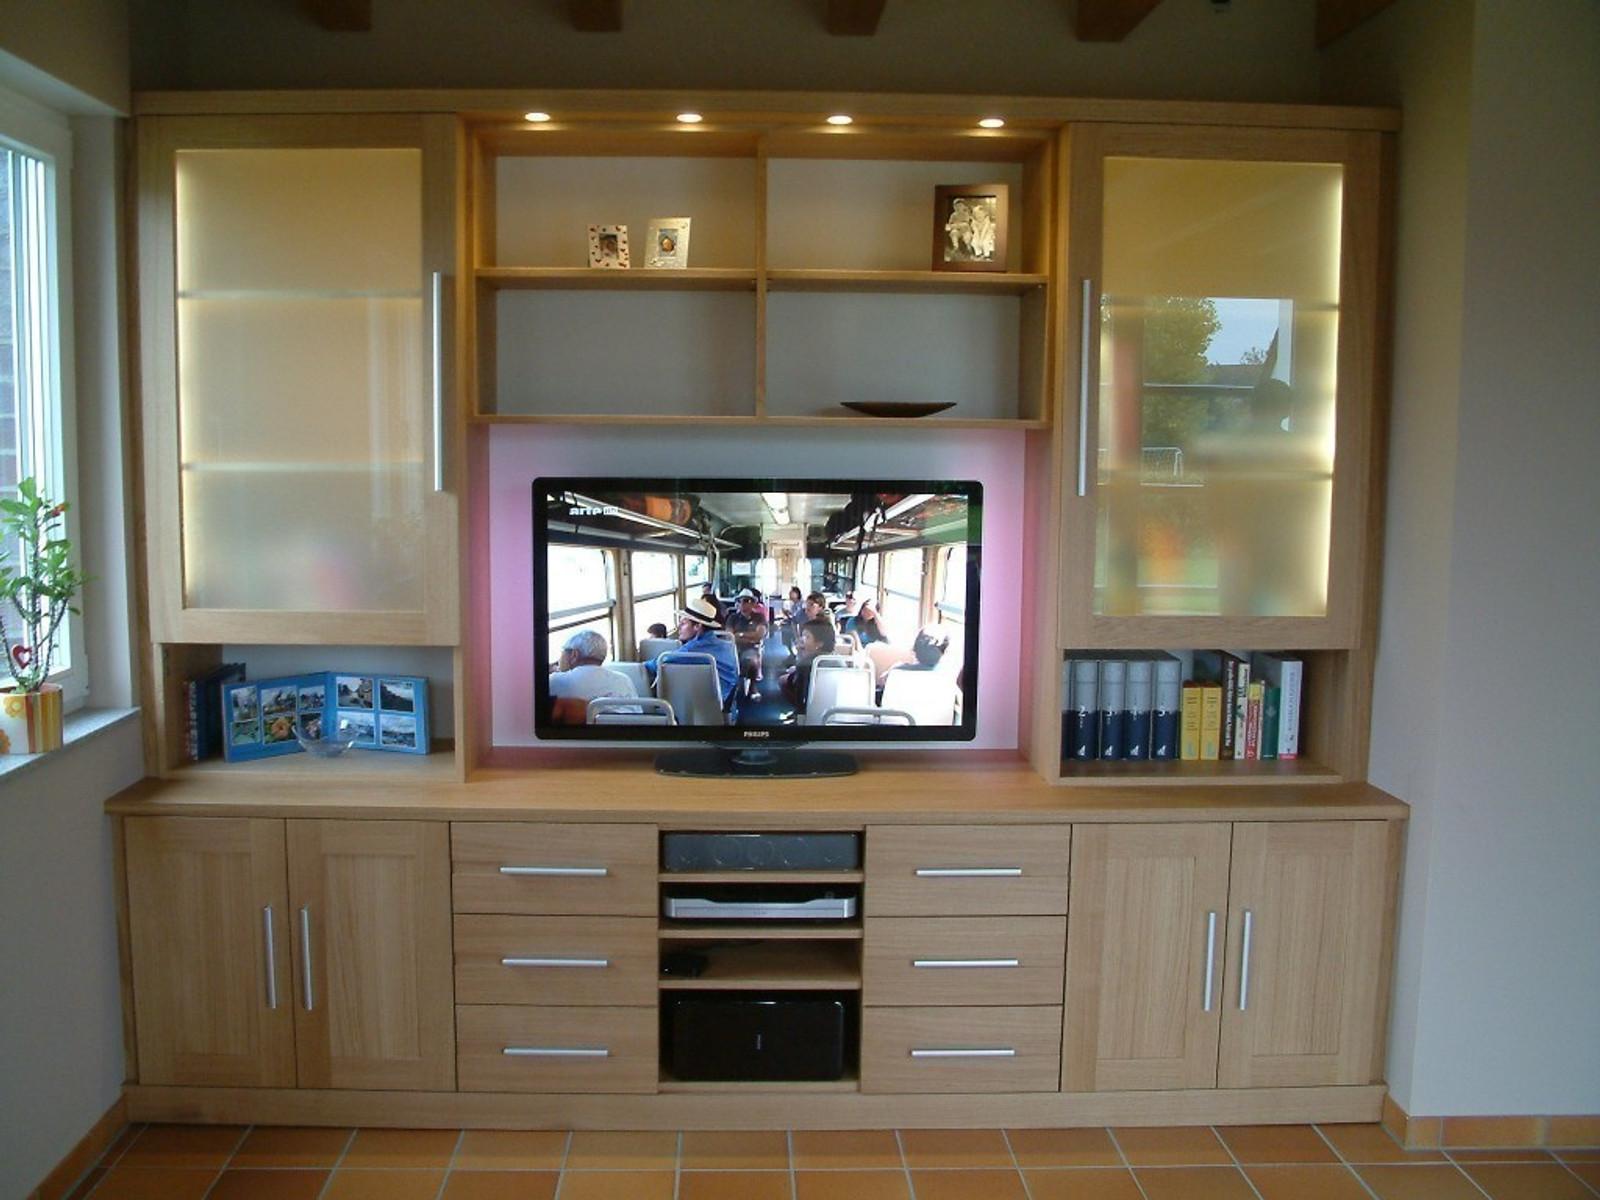 moderne Wohnwand mit offenem Fach für Plasma-TV / TV-Mediencenter in Eiche massiv, mit Milchglas, mit LED-Beleuchtung / Eichenmöbel und moderne Massivholzmöbel